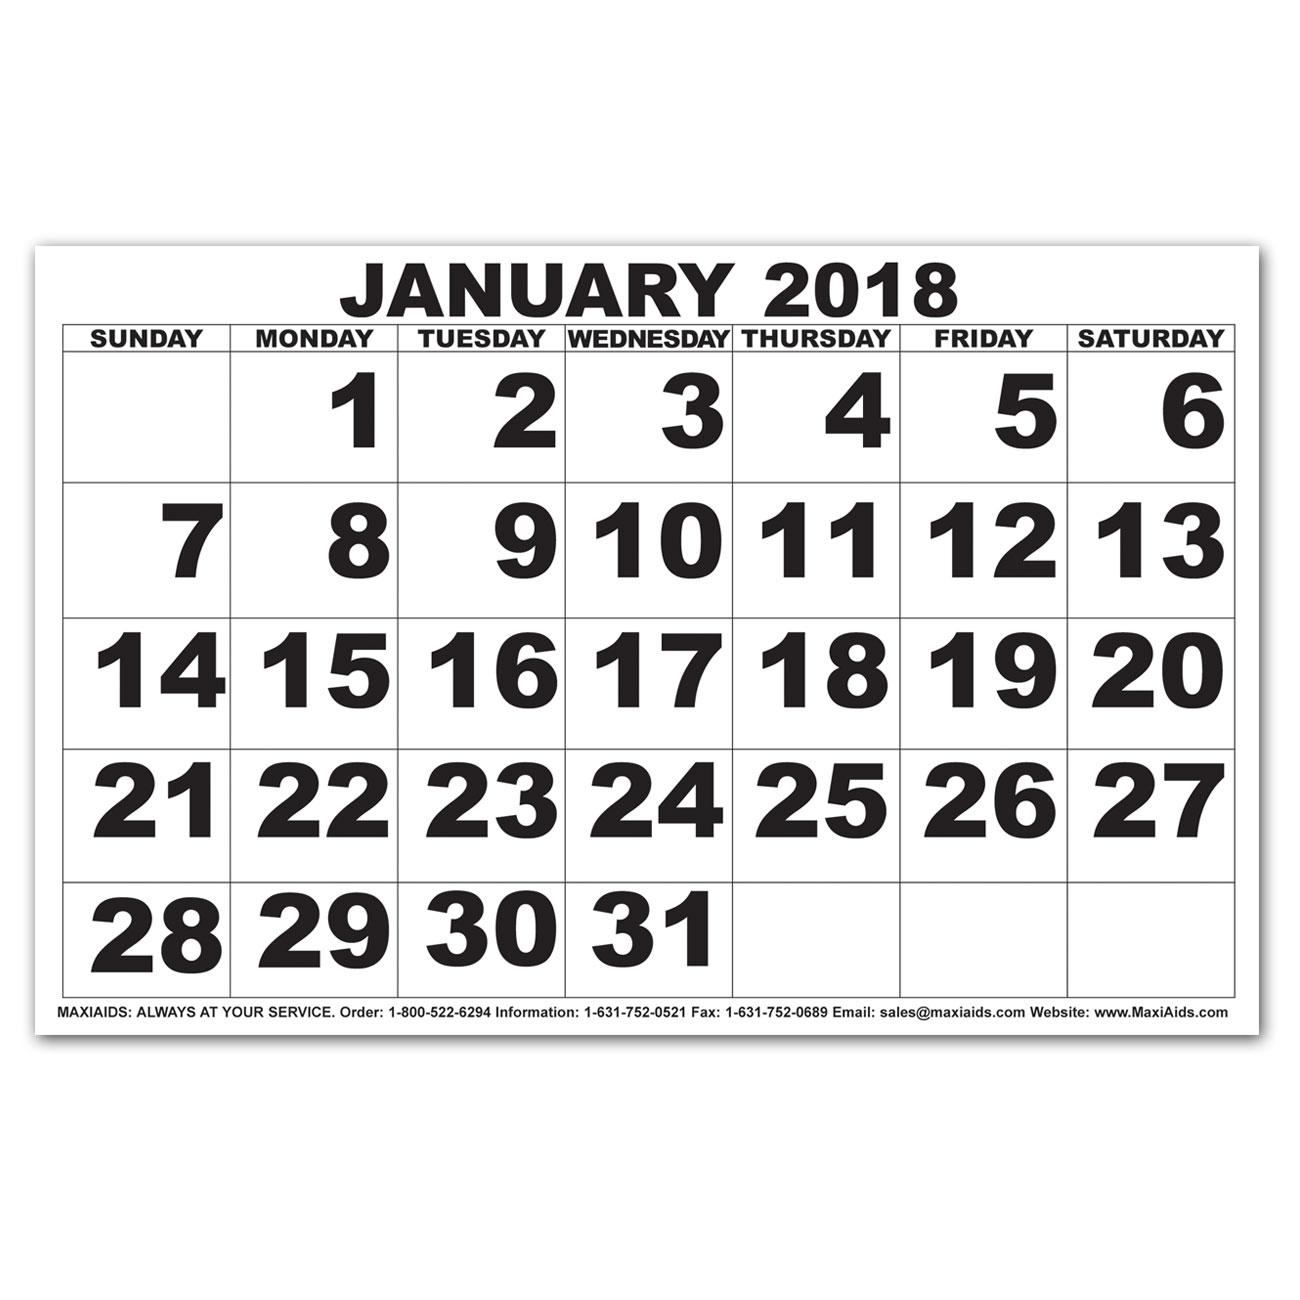 Low Vision Print Calendar - 2018